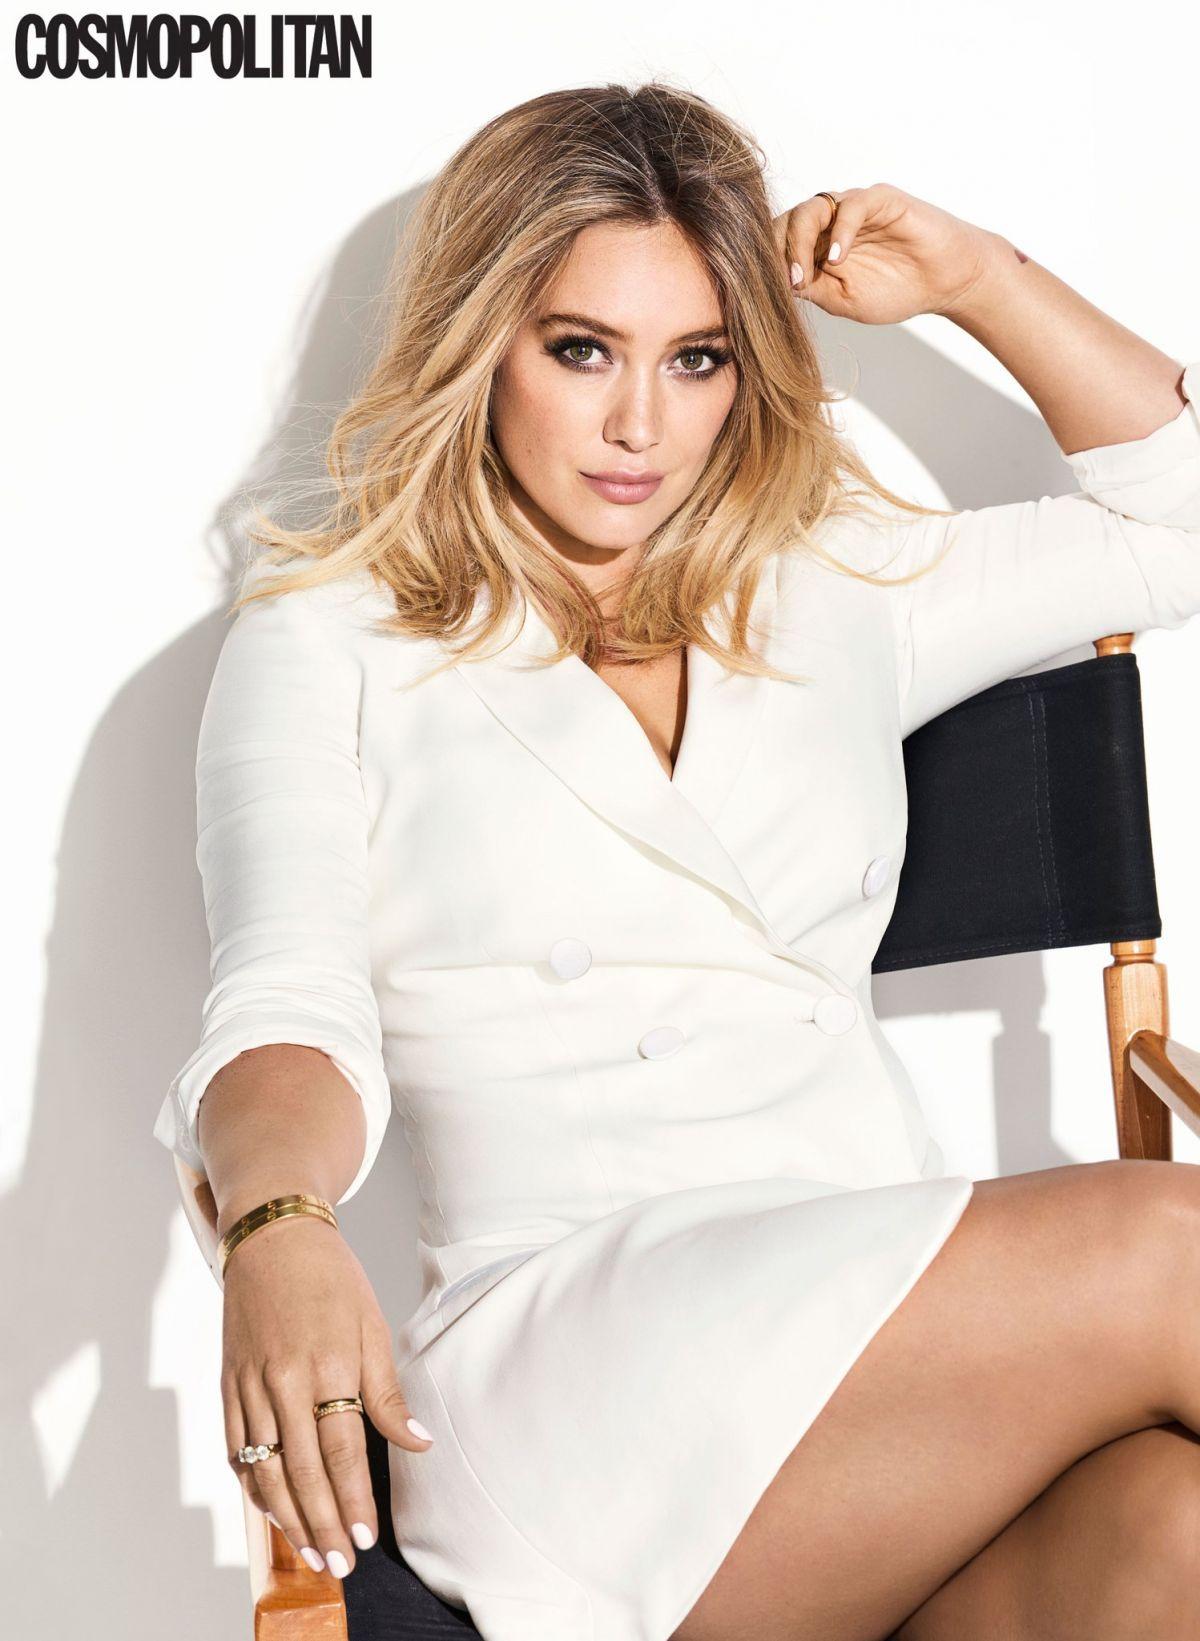 HILARY DUFF in Cosmopolitan Magazine, February 2017 Issue ... Hilary Duff